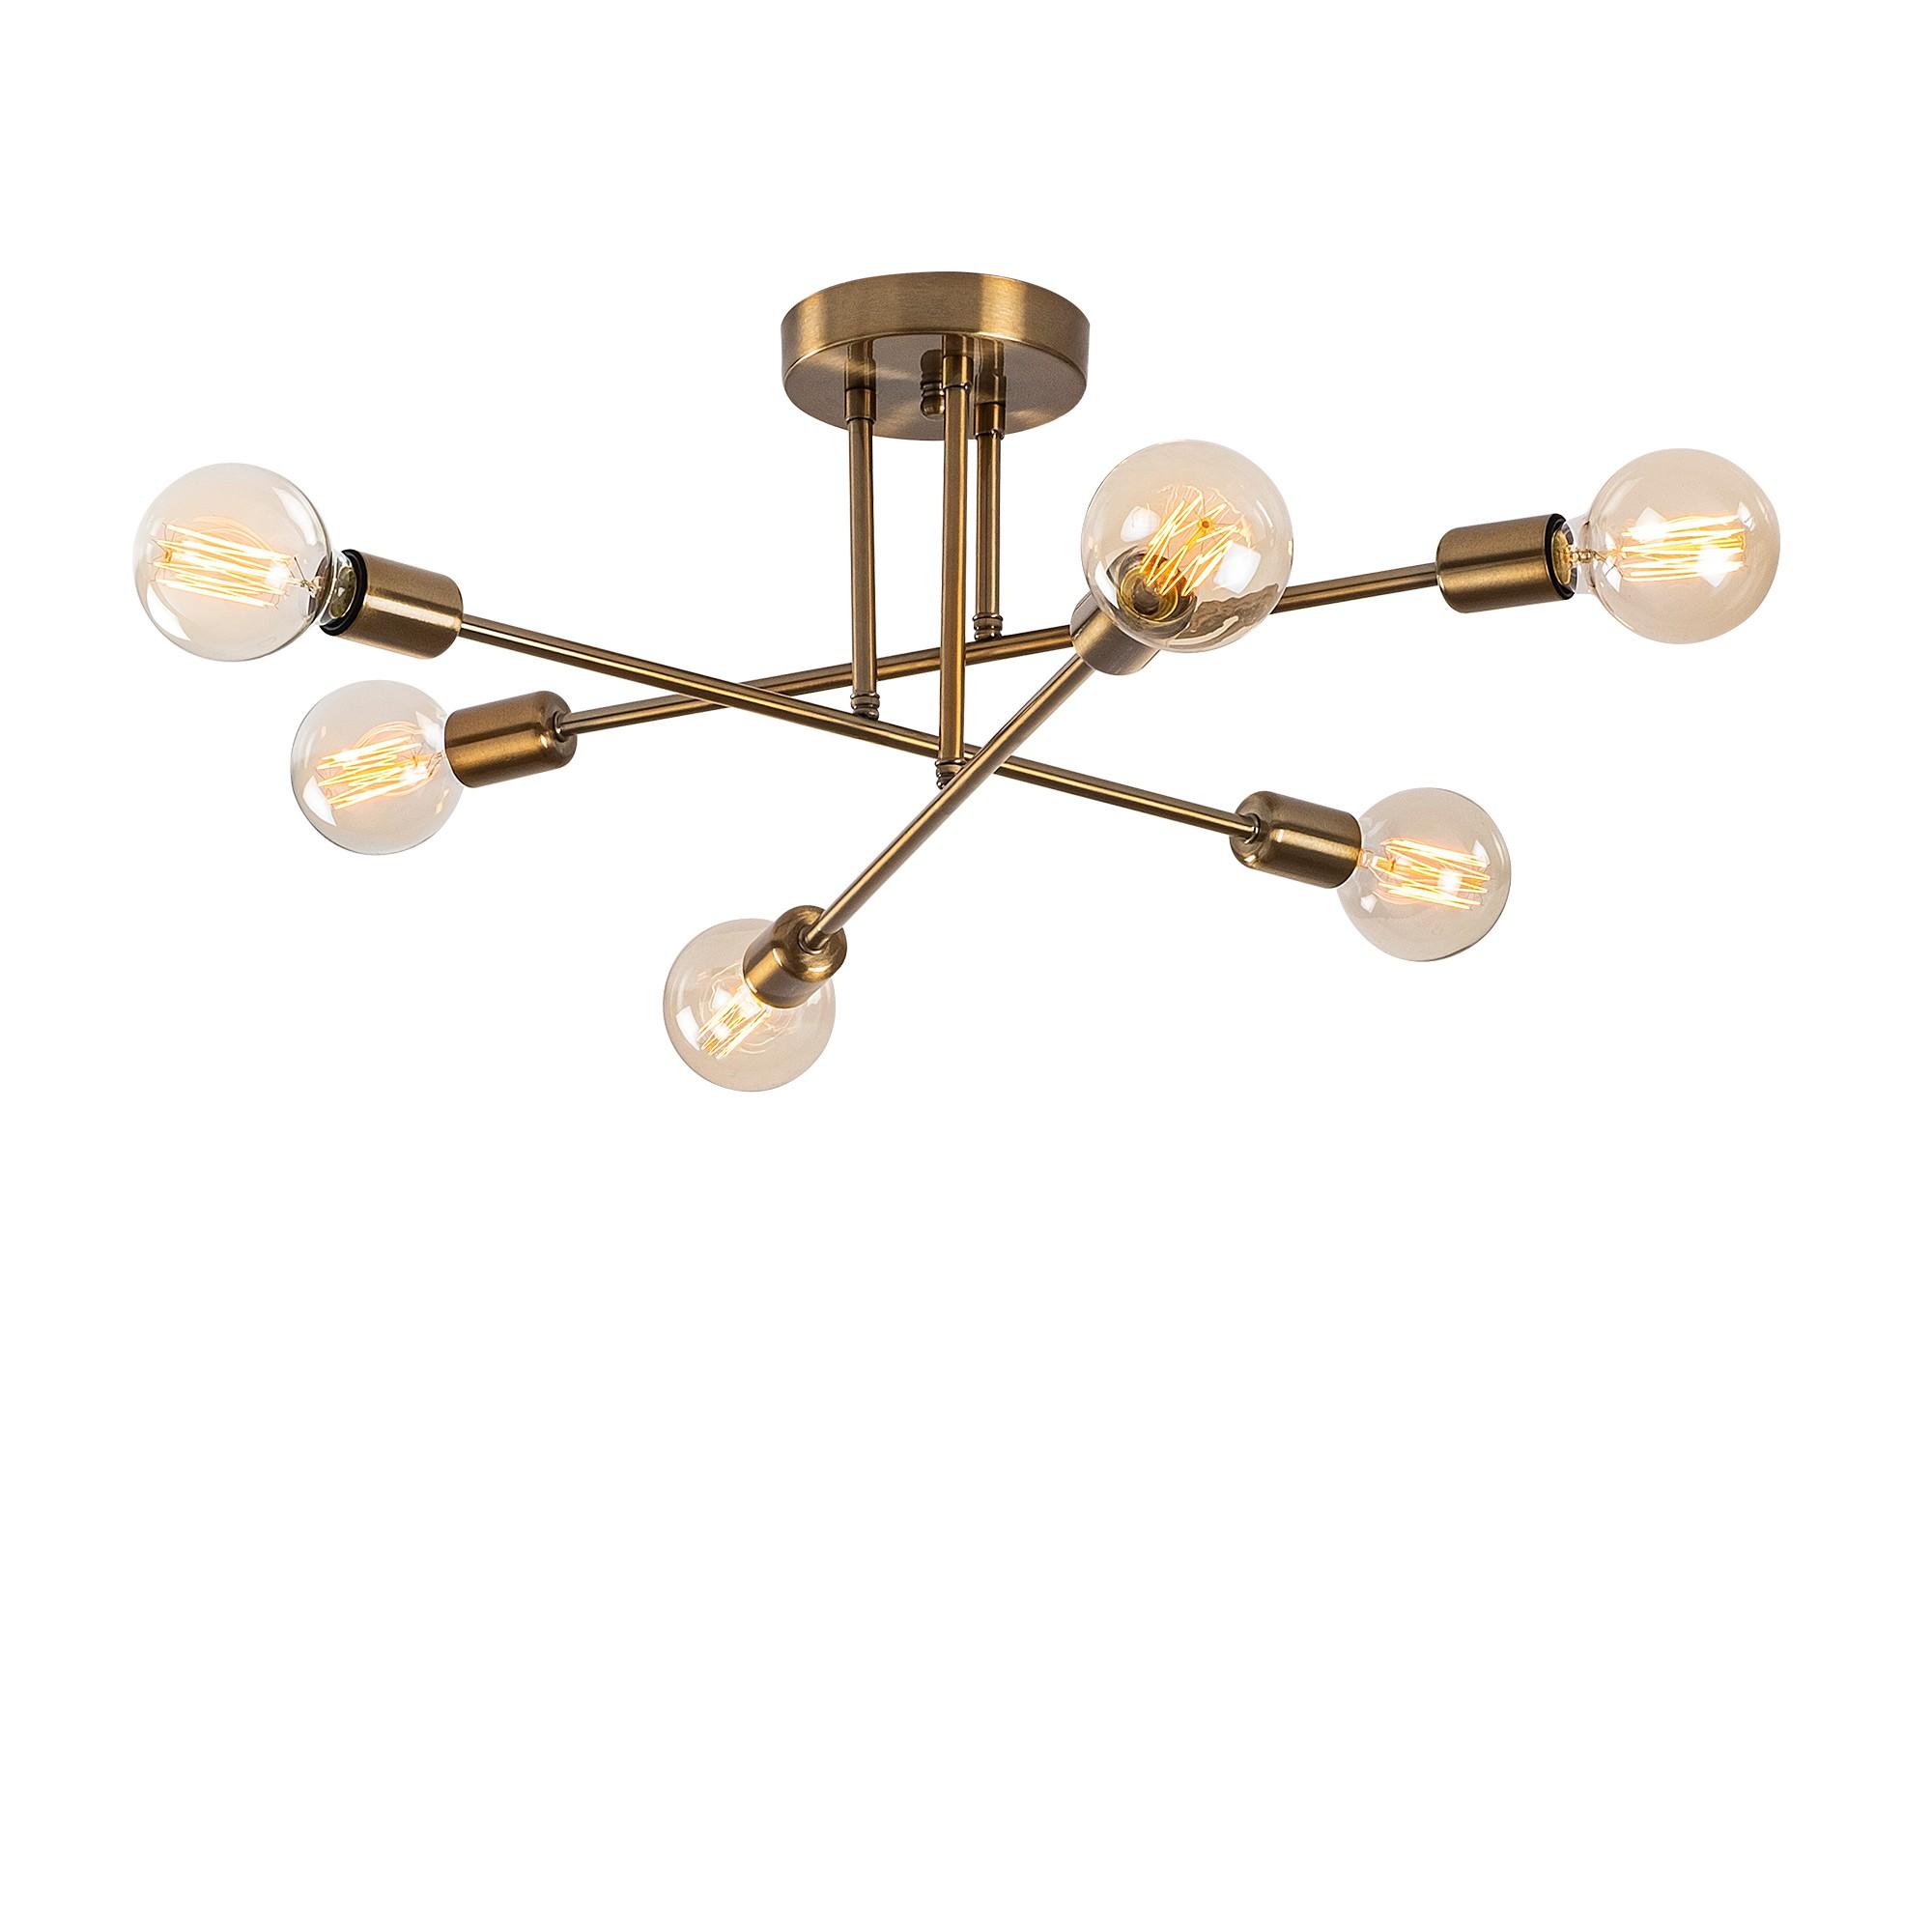 LED Plafondlamp met messing - 6x E27 fitting - dimbaar - vooraanzicht